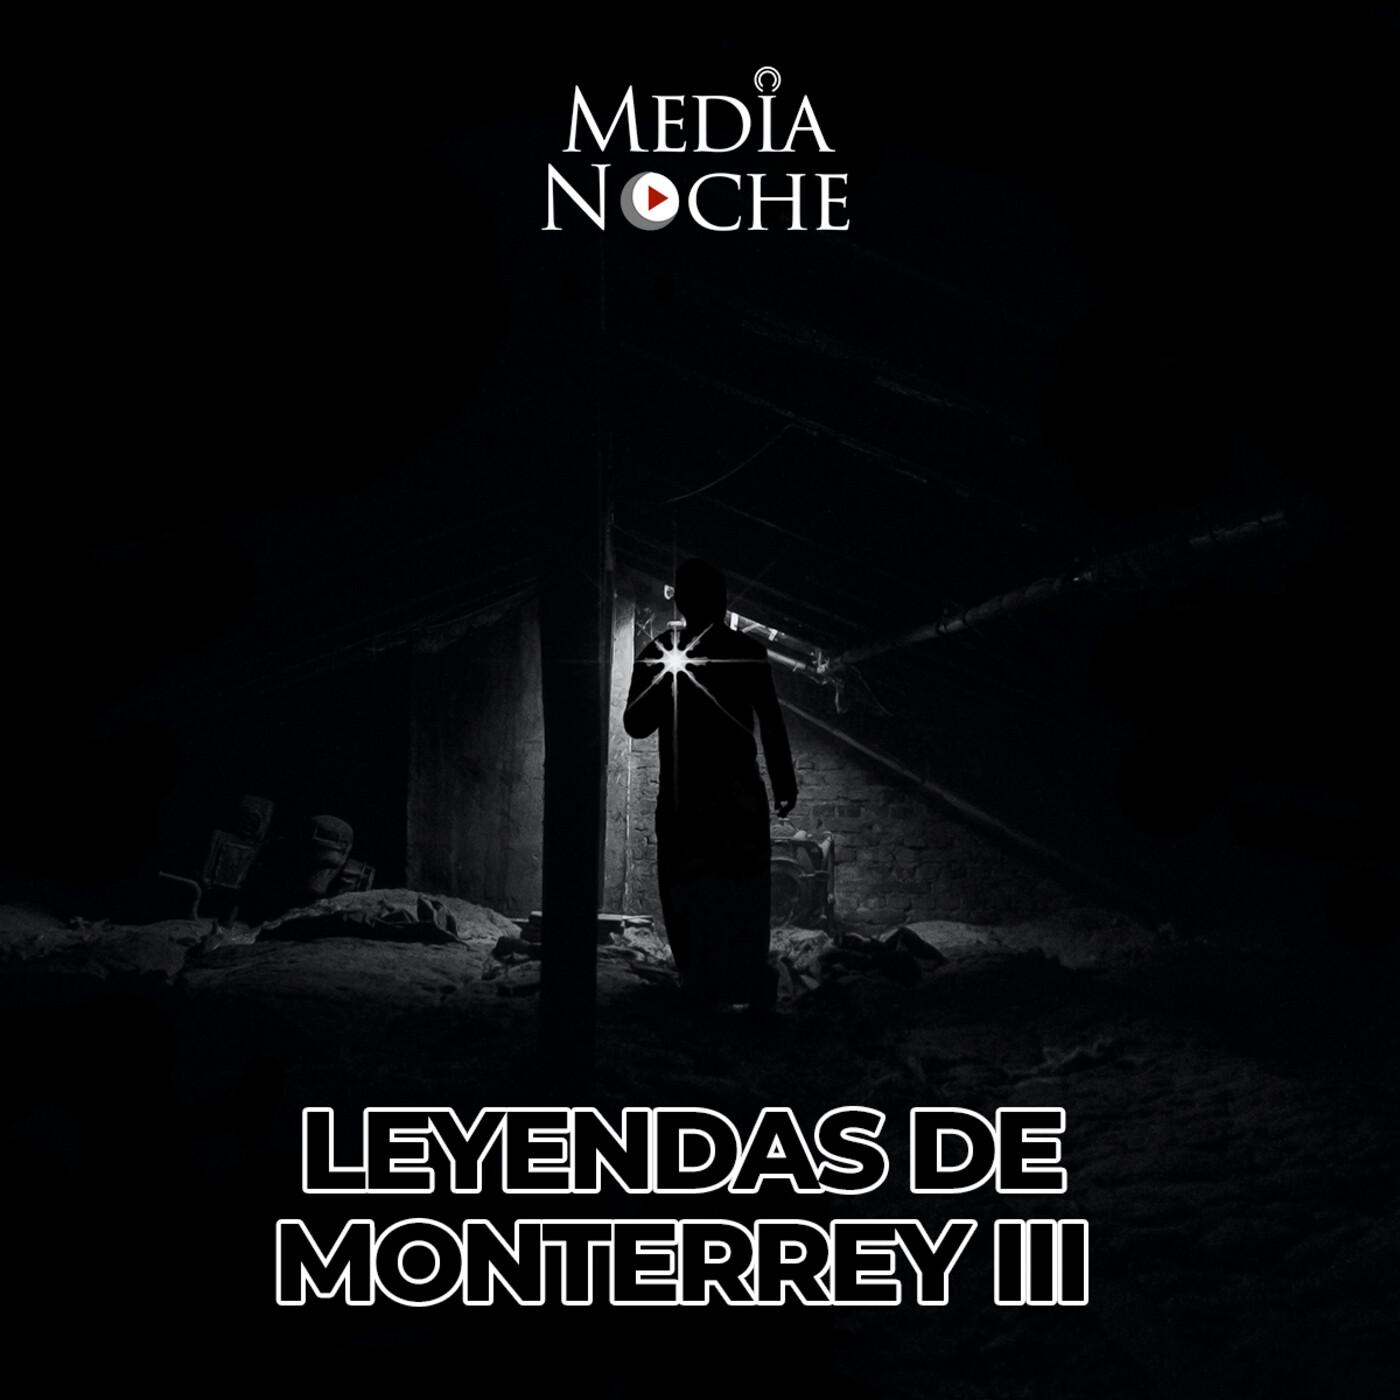 Episodio #11 Leyendas de Monterrey III